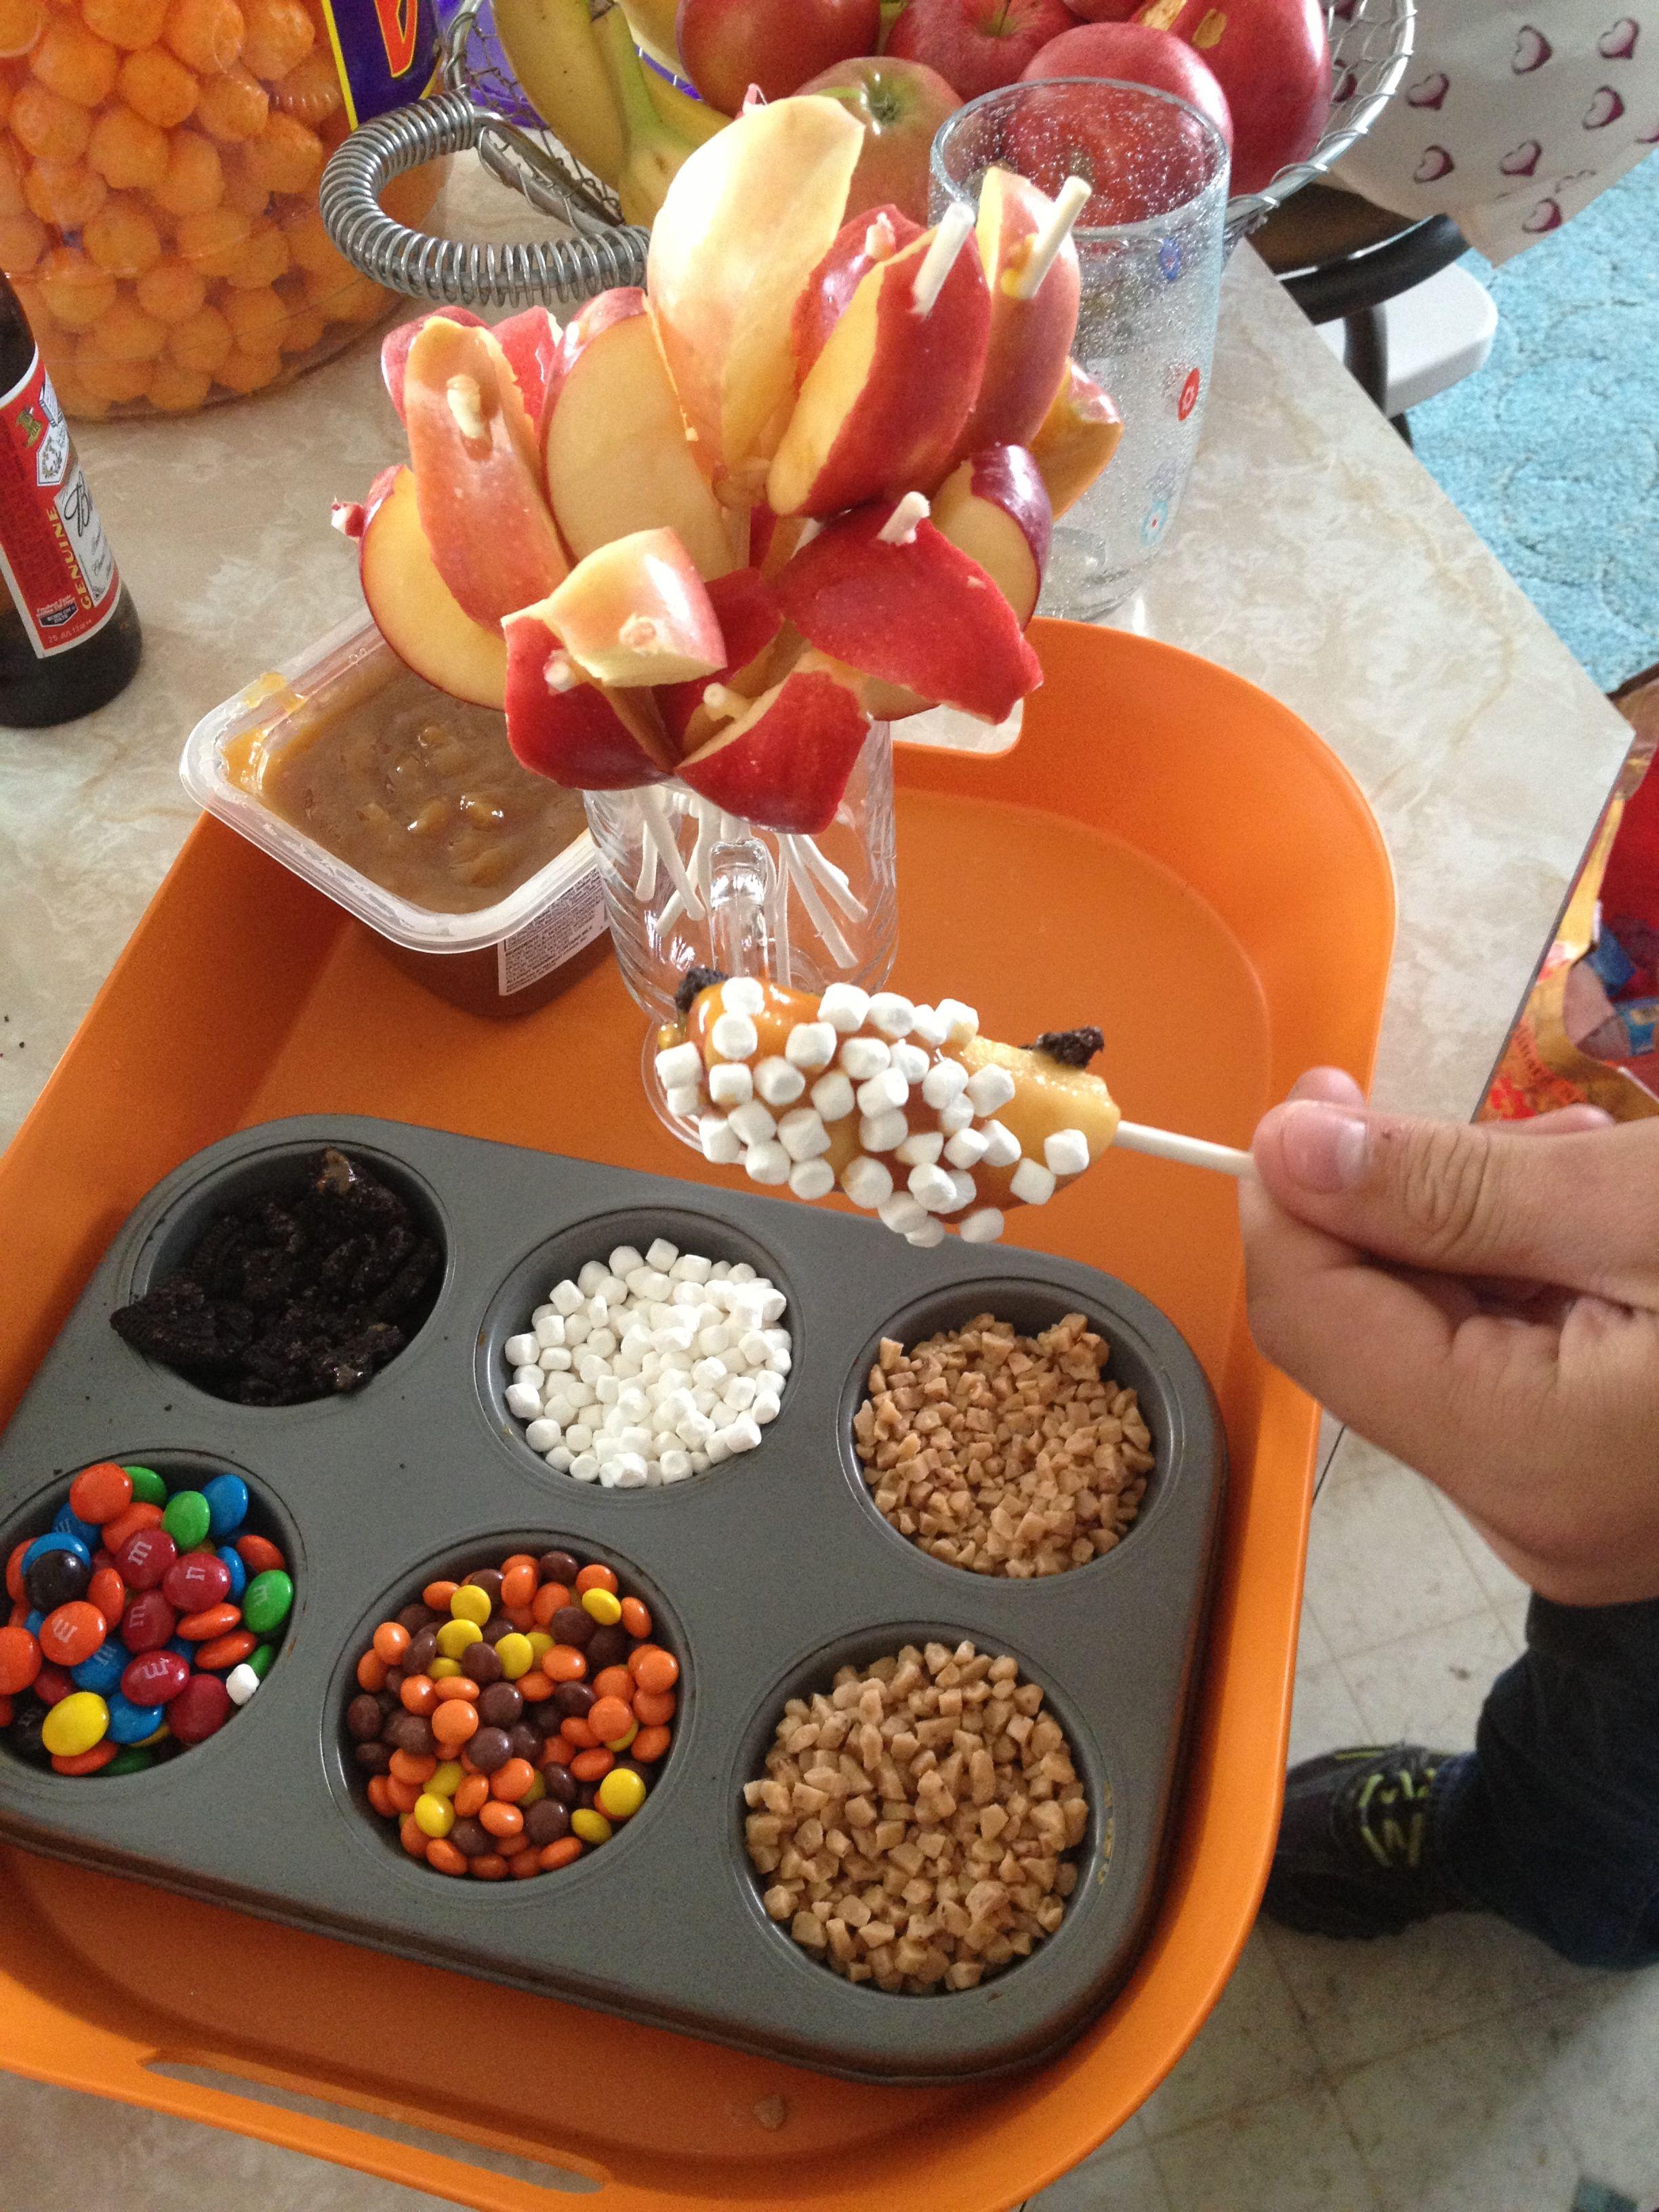 Caramel Apple Dipping Station Mesa De Dulces Desayuno Divertido